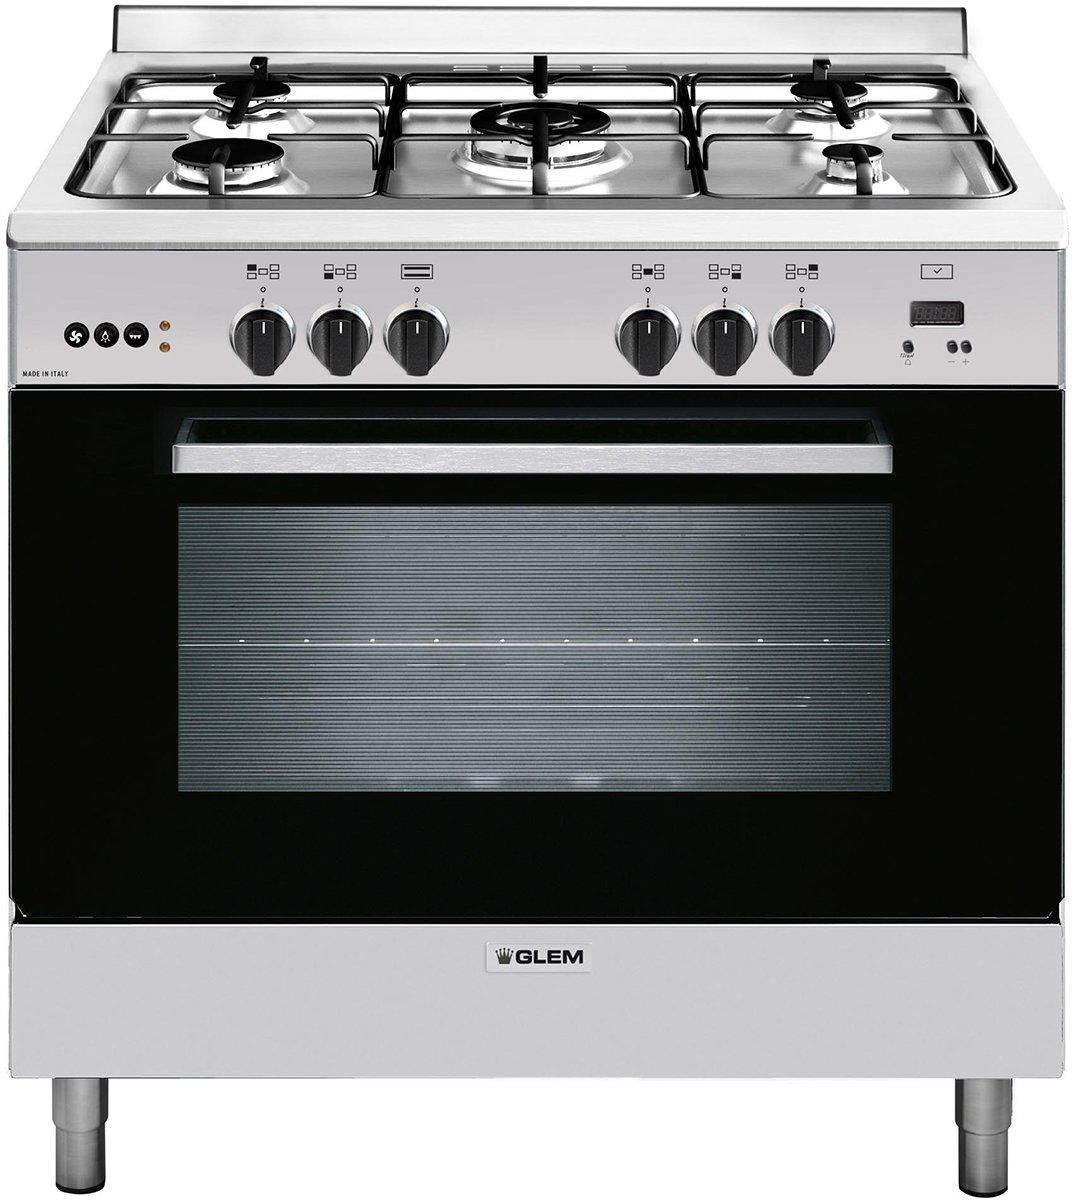 glem gl965mvi 90cm freestanding natural gas ovenstove appliances online - Kitchen Stove